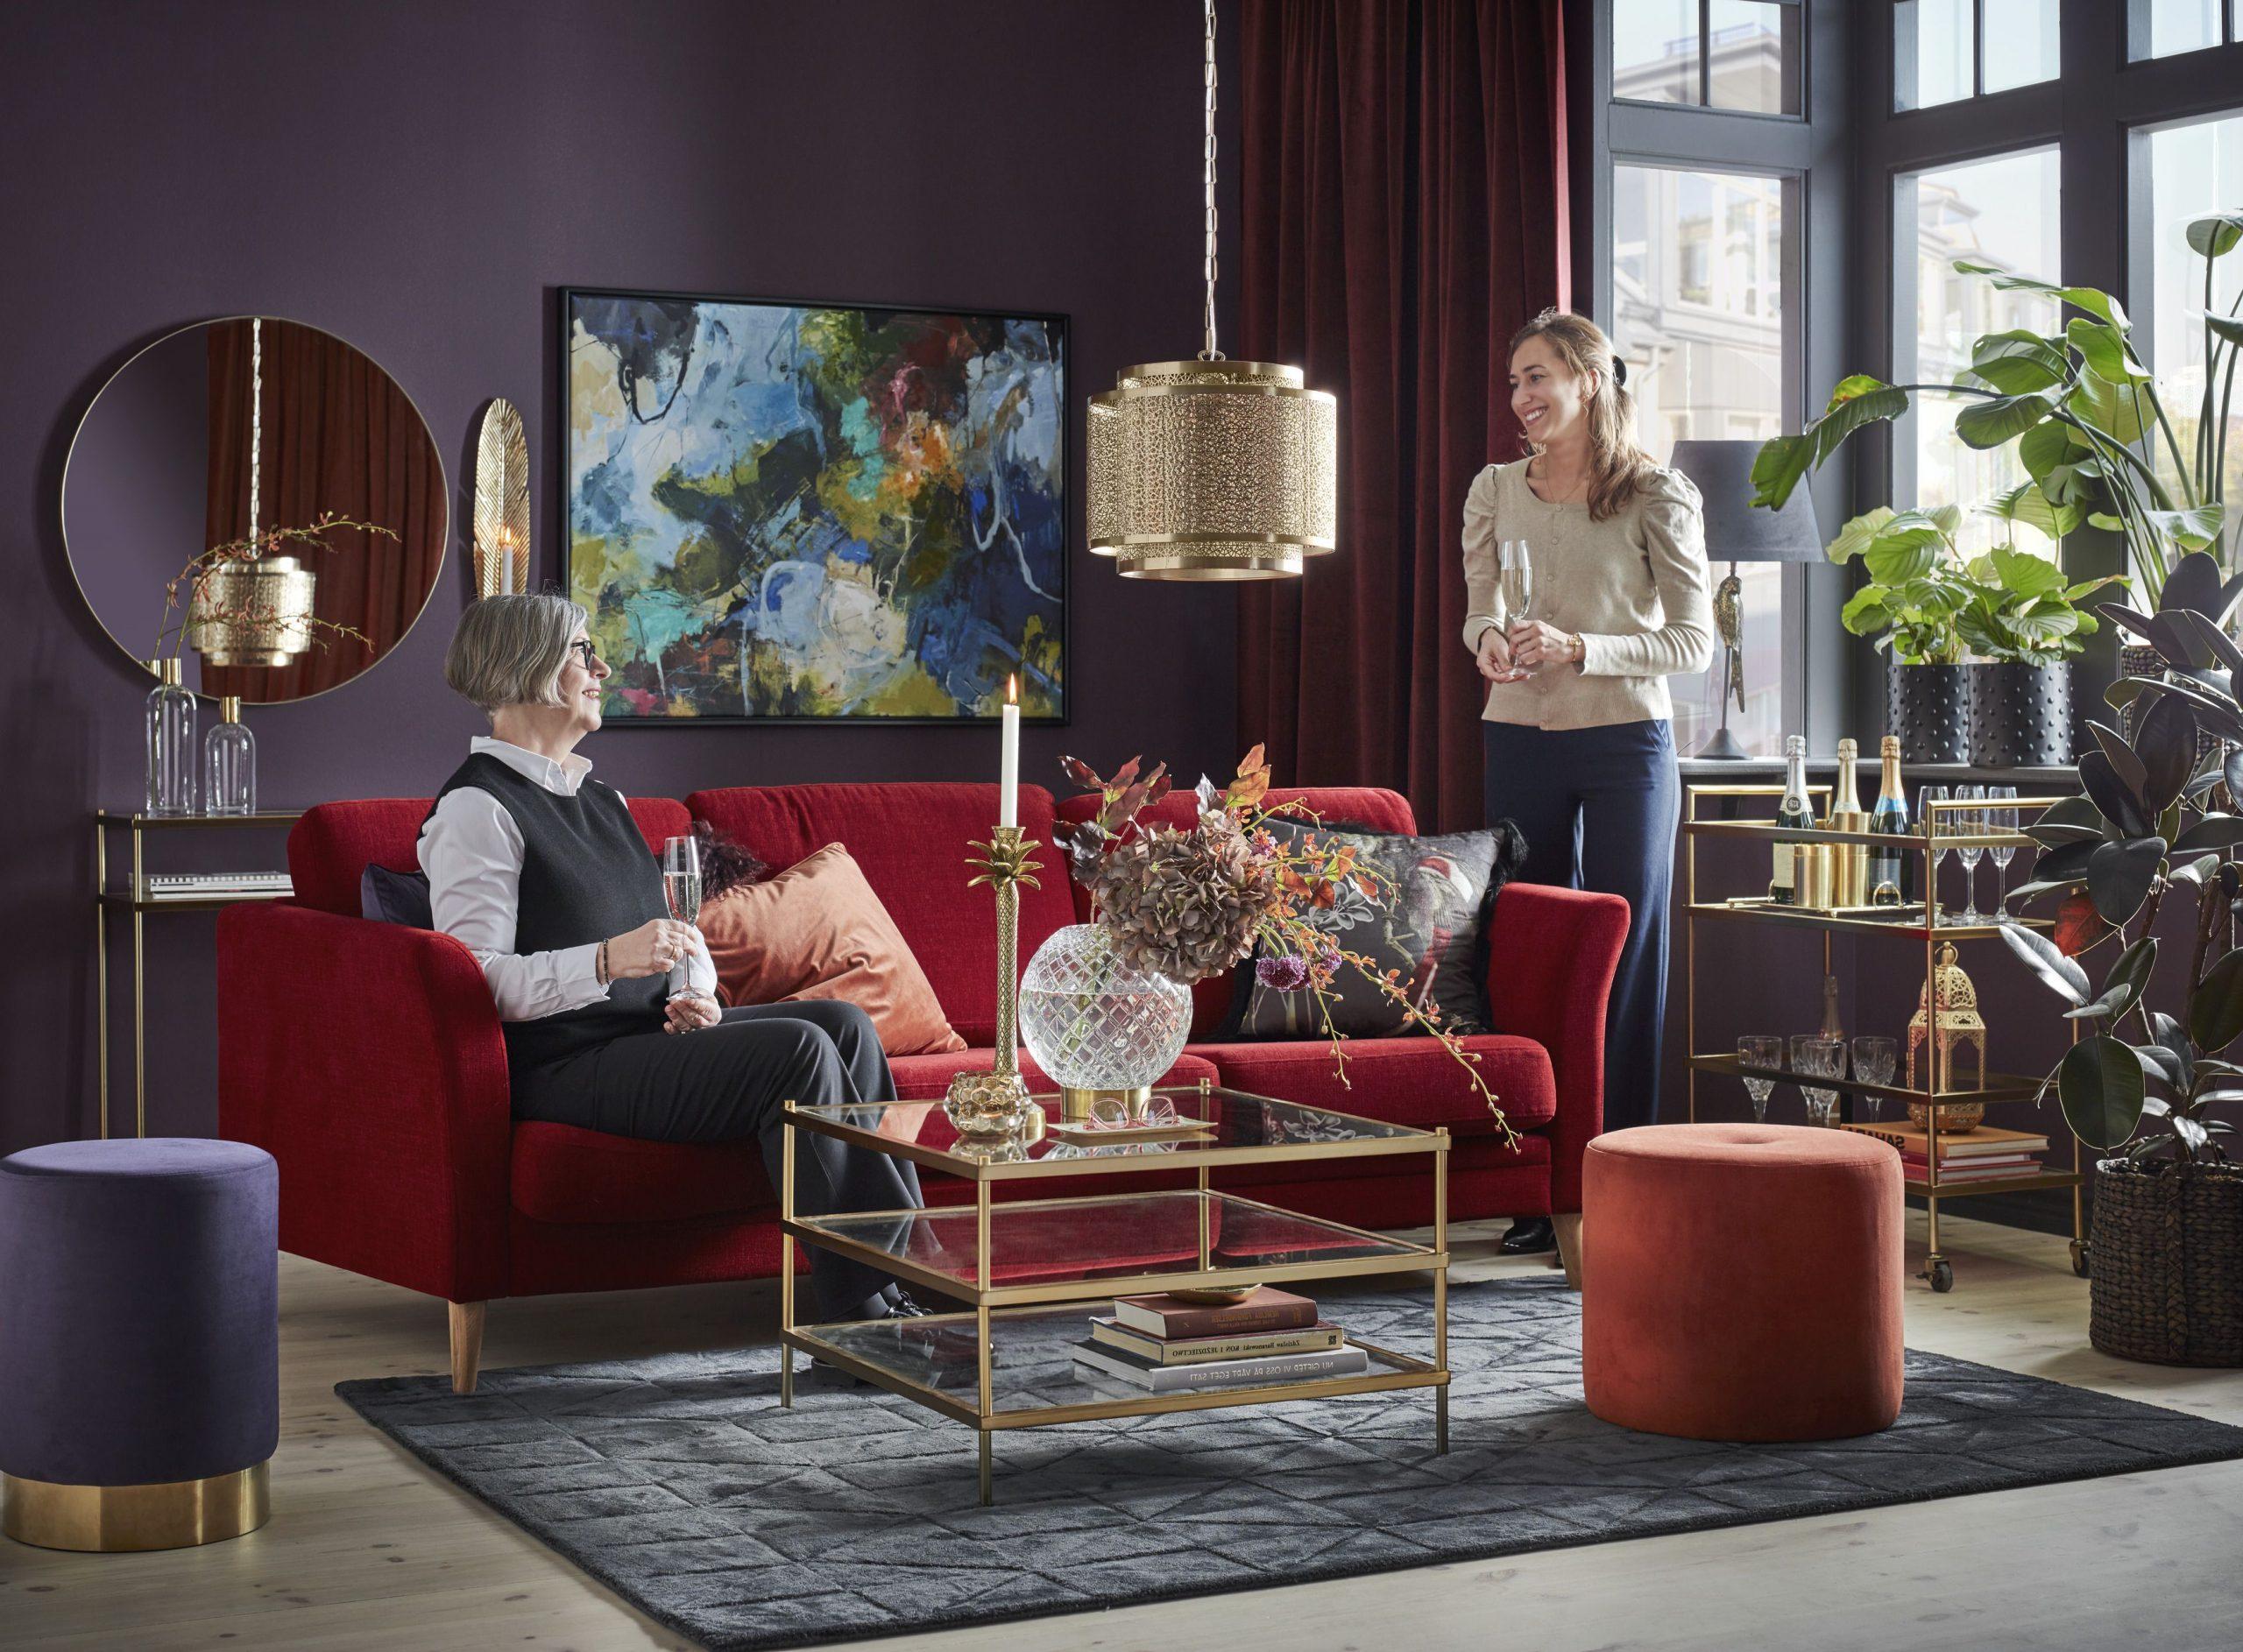 Röda soffa vardagsrum idéer